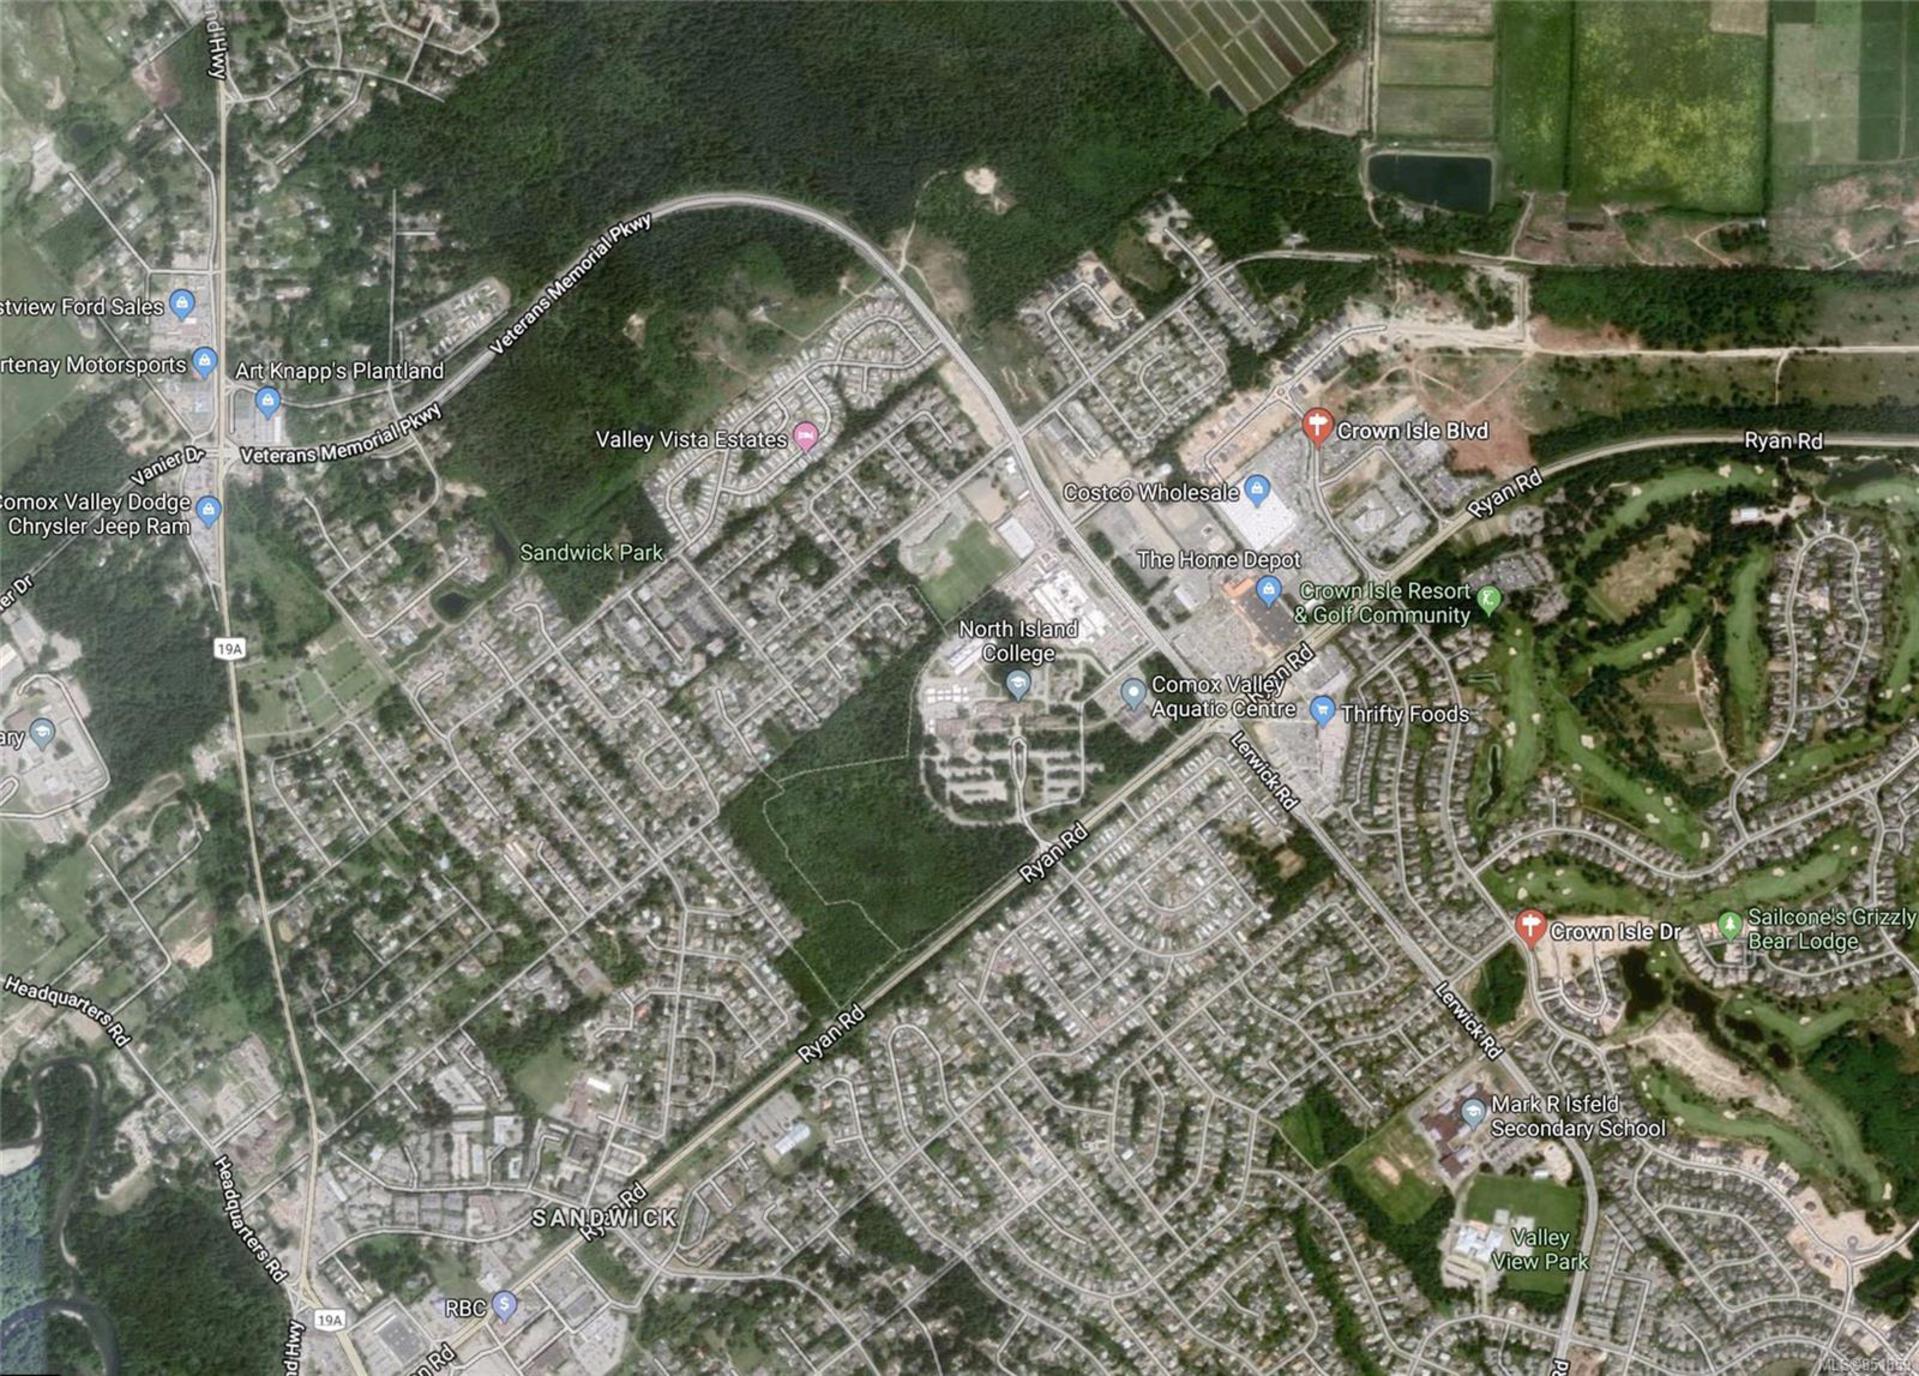 623-crown-isle-boulevard-crown-isle-comox-valley-04 at SL 3 - 623 Crown Isle Boulevard, Crown Isle, Comox Valley